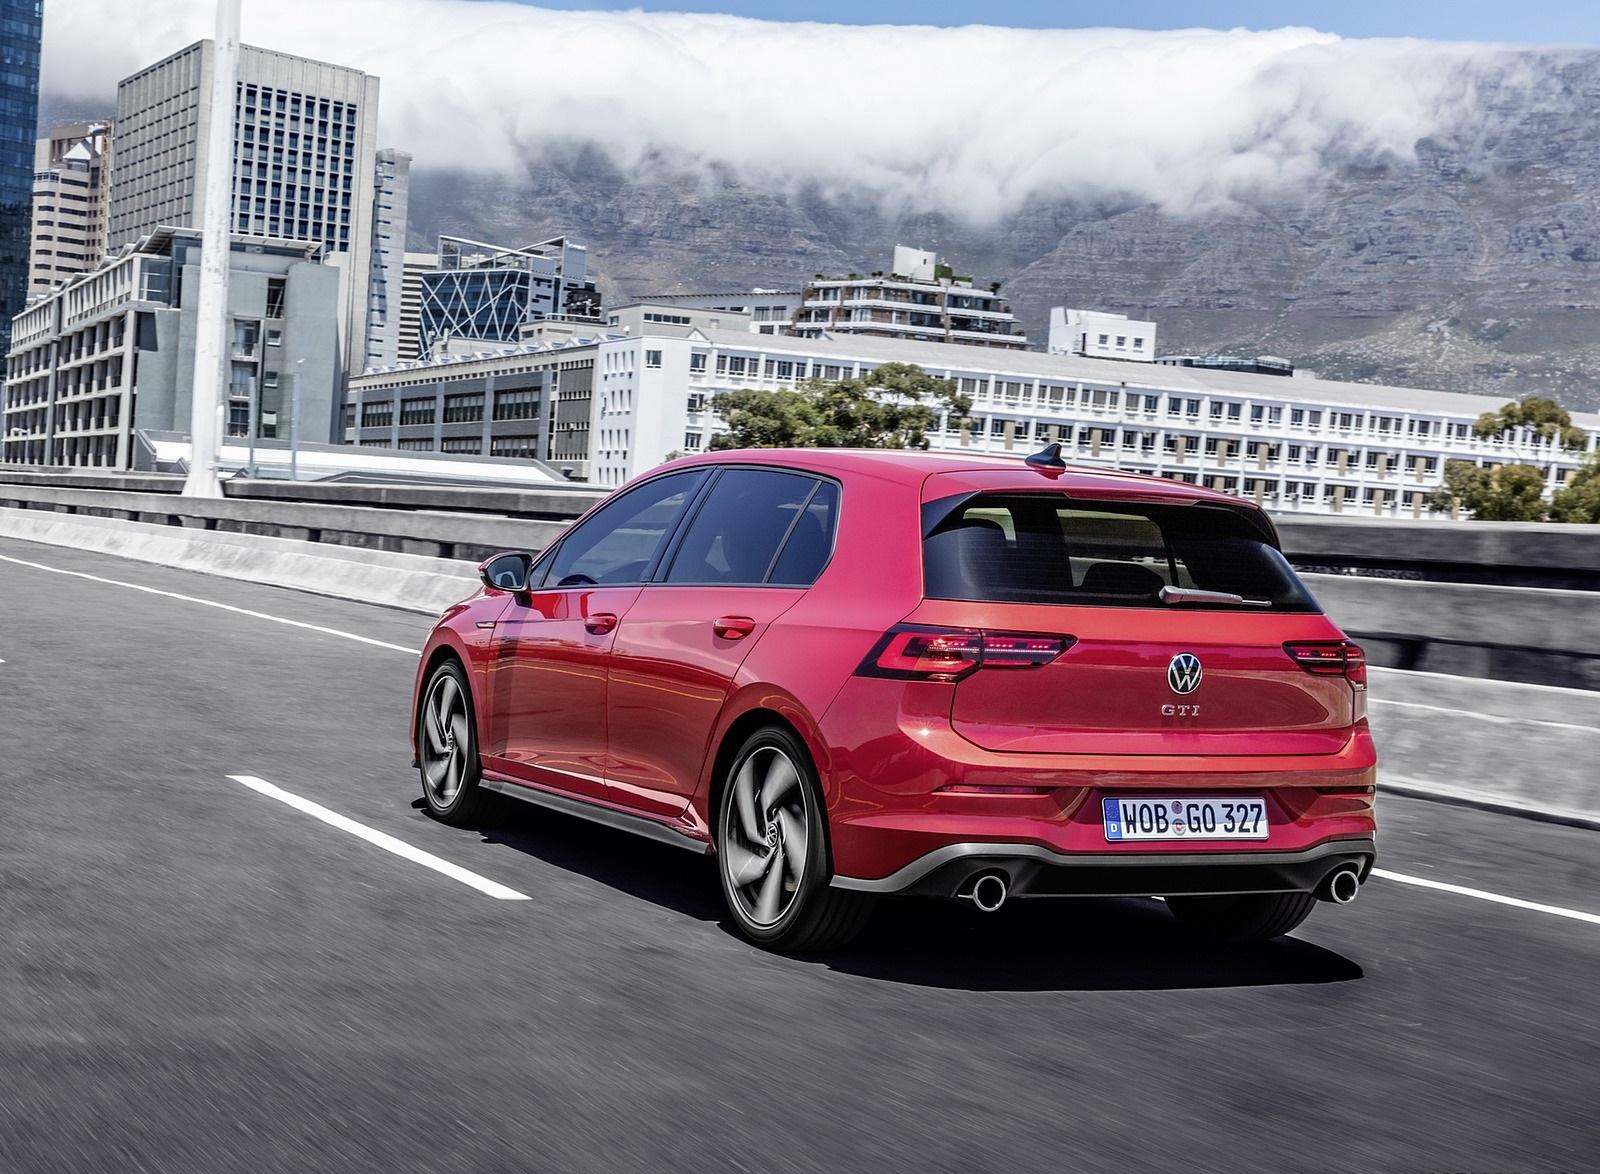 2021 Volkswagen Golf GTI Rear Three-Quarter Wallpapers (6)